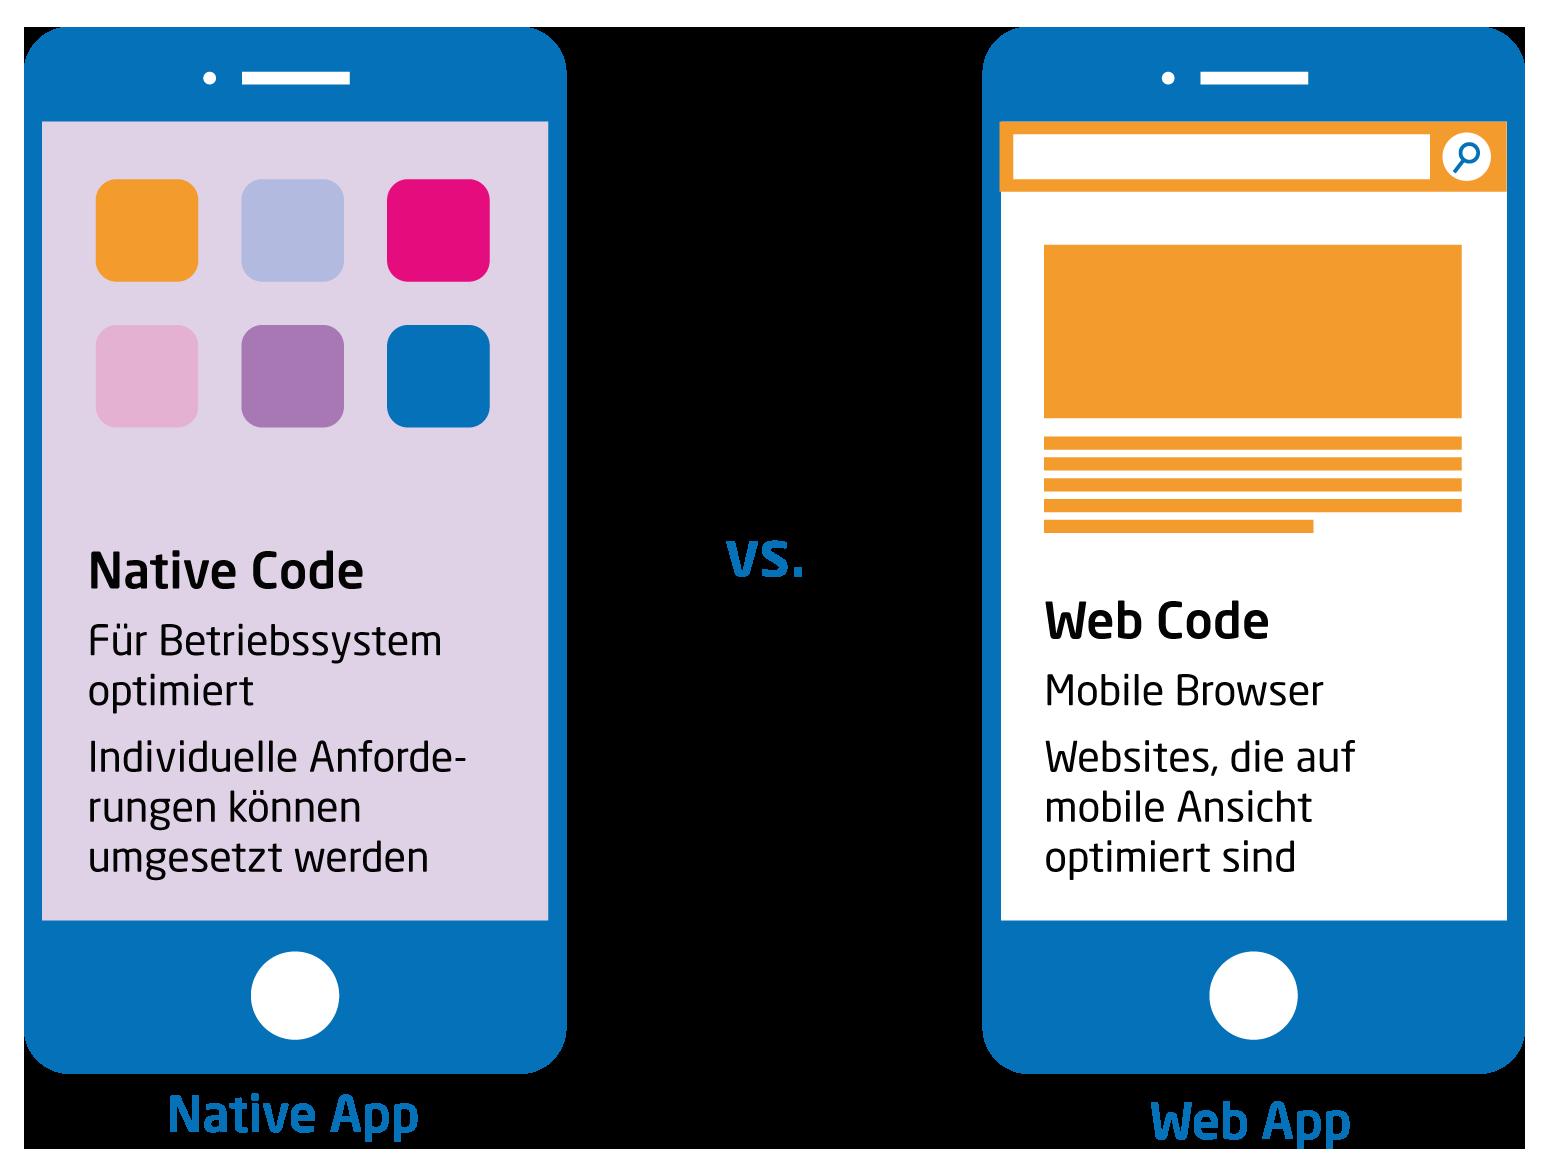 Native App oder Web App